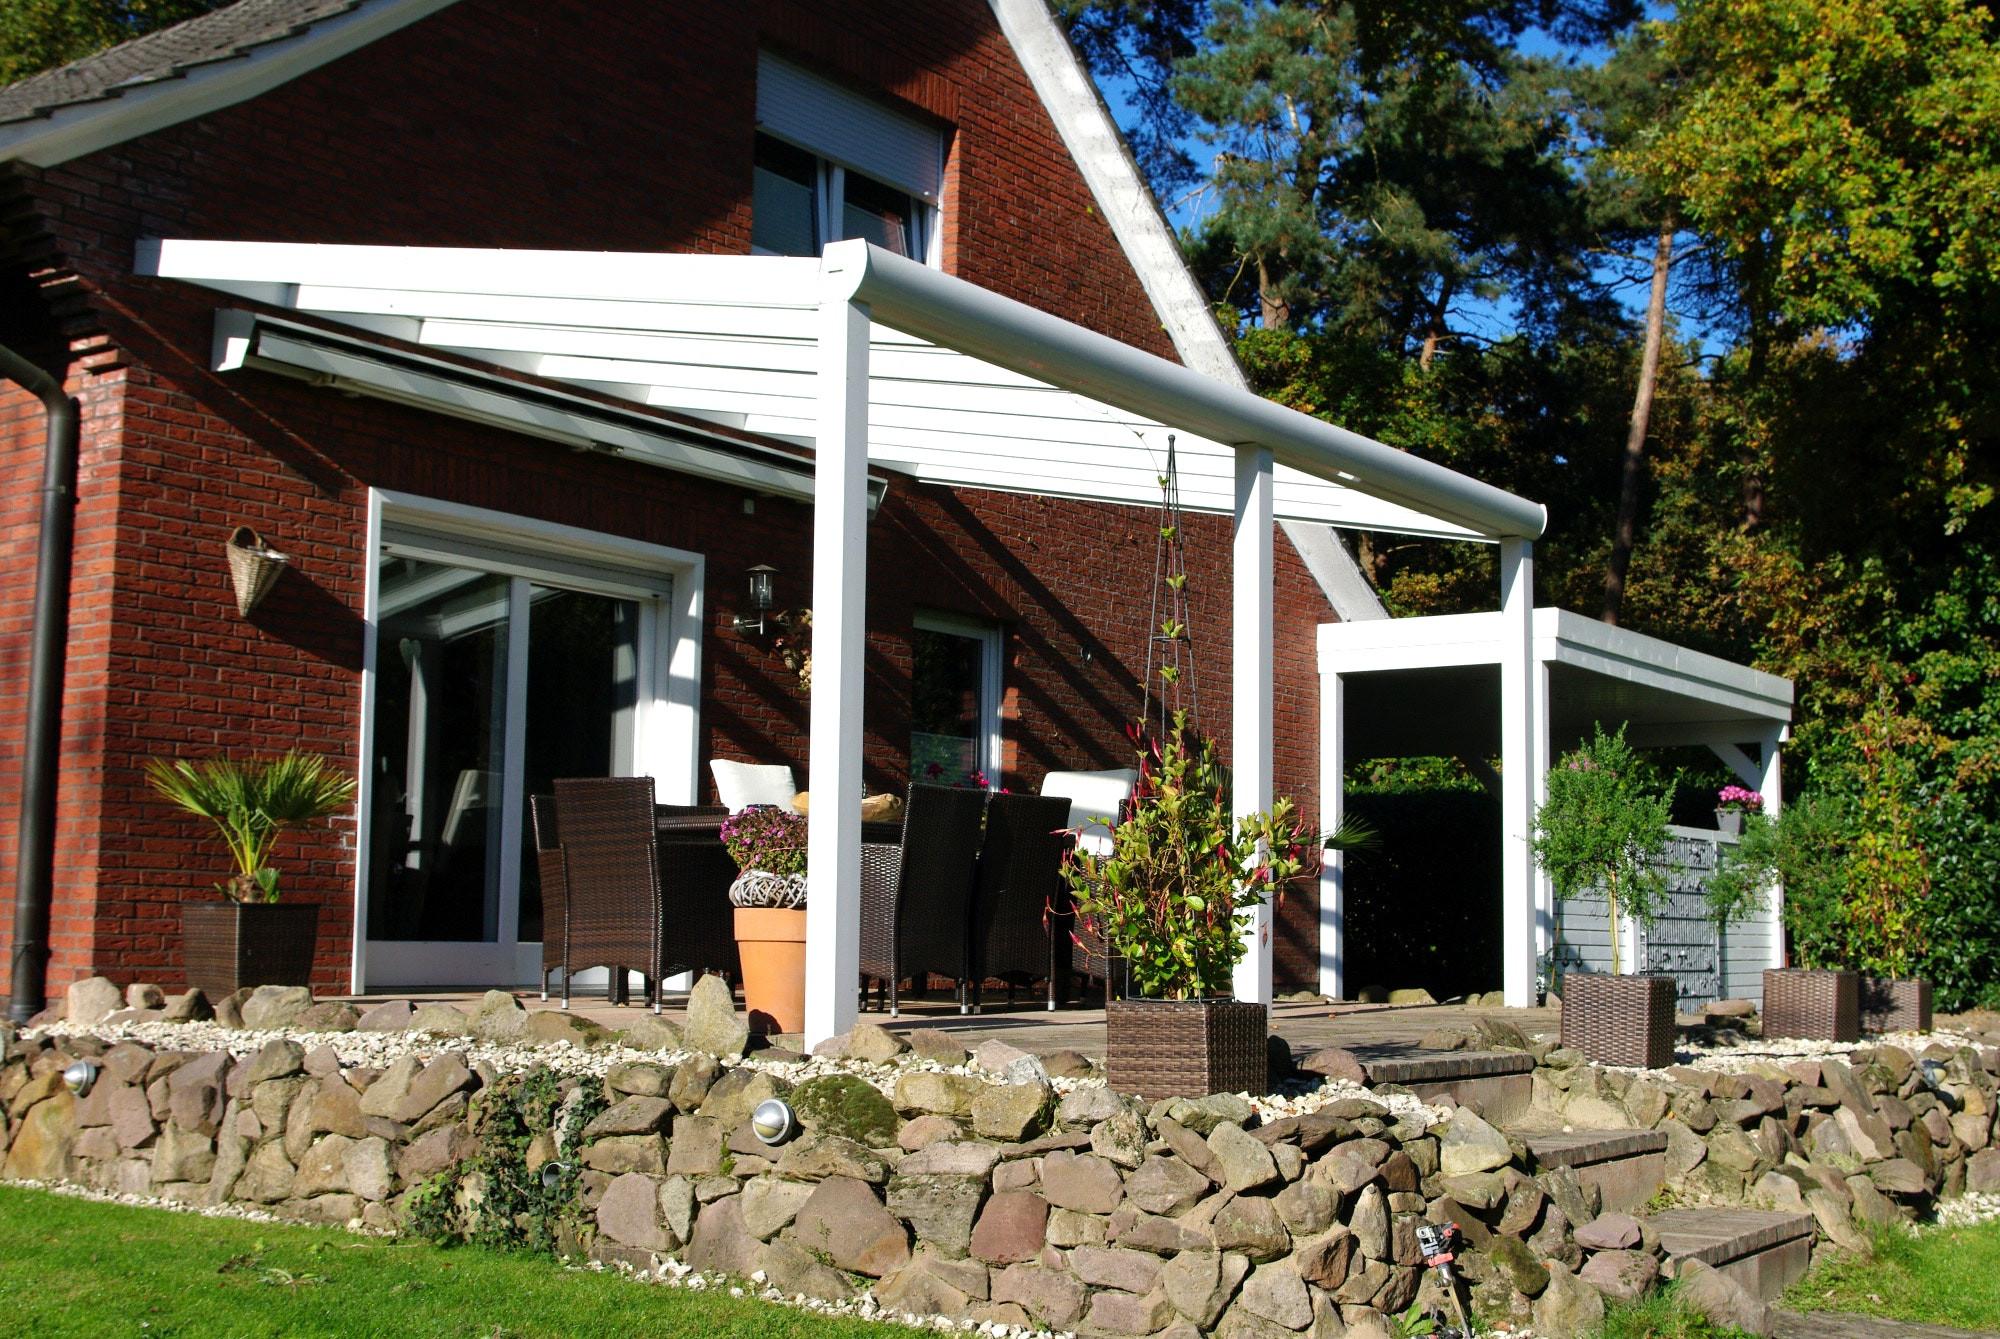 Idee Deco Interieur Cabane En Bois Élégant Images Idee Pour Terrasse Projet Pendant La Pays – Sullivanmaxx